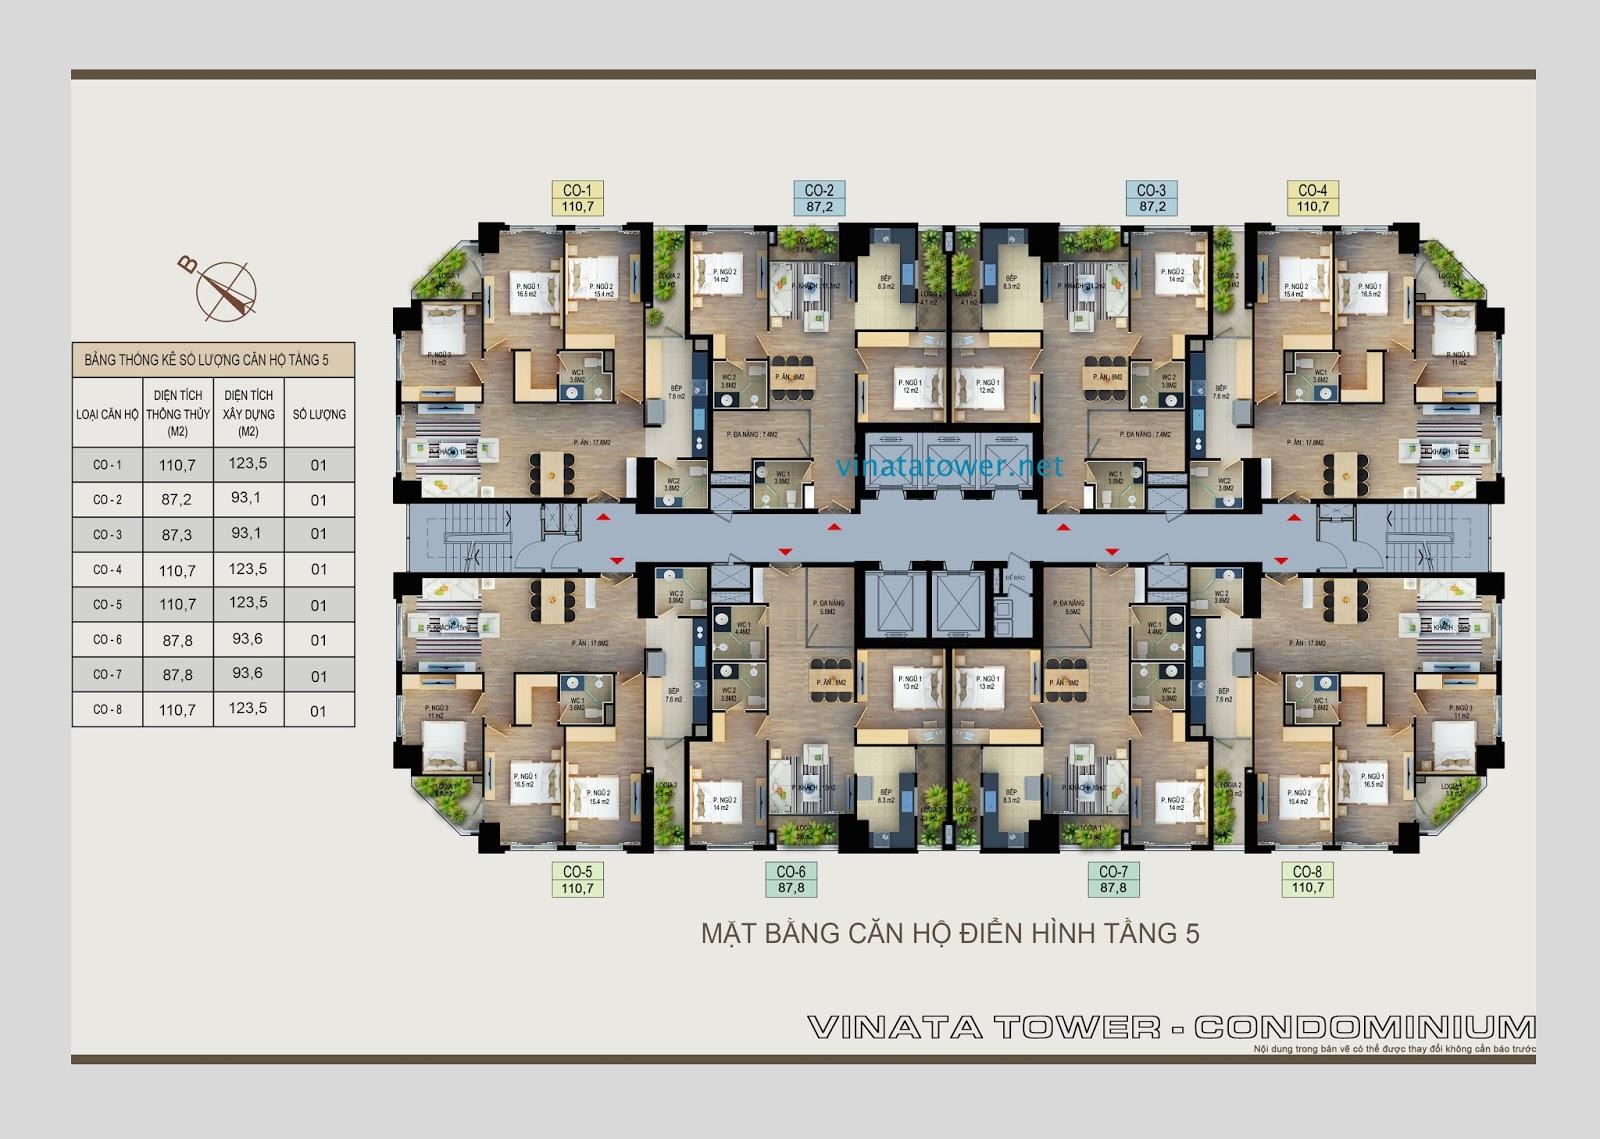 Mặt bằng căn hộ tầng 5 Vinata Towers